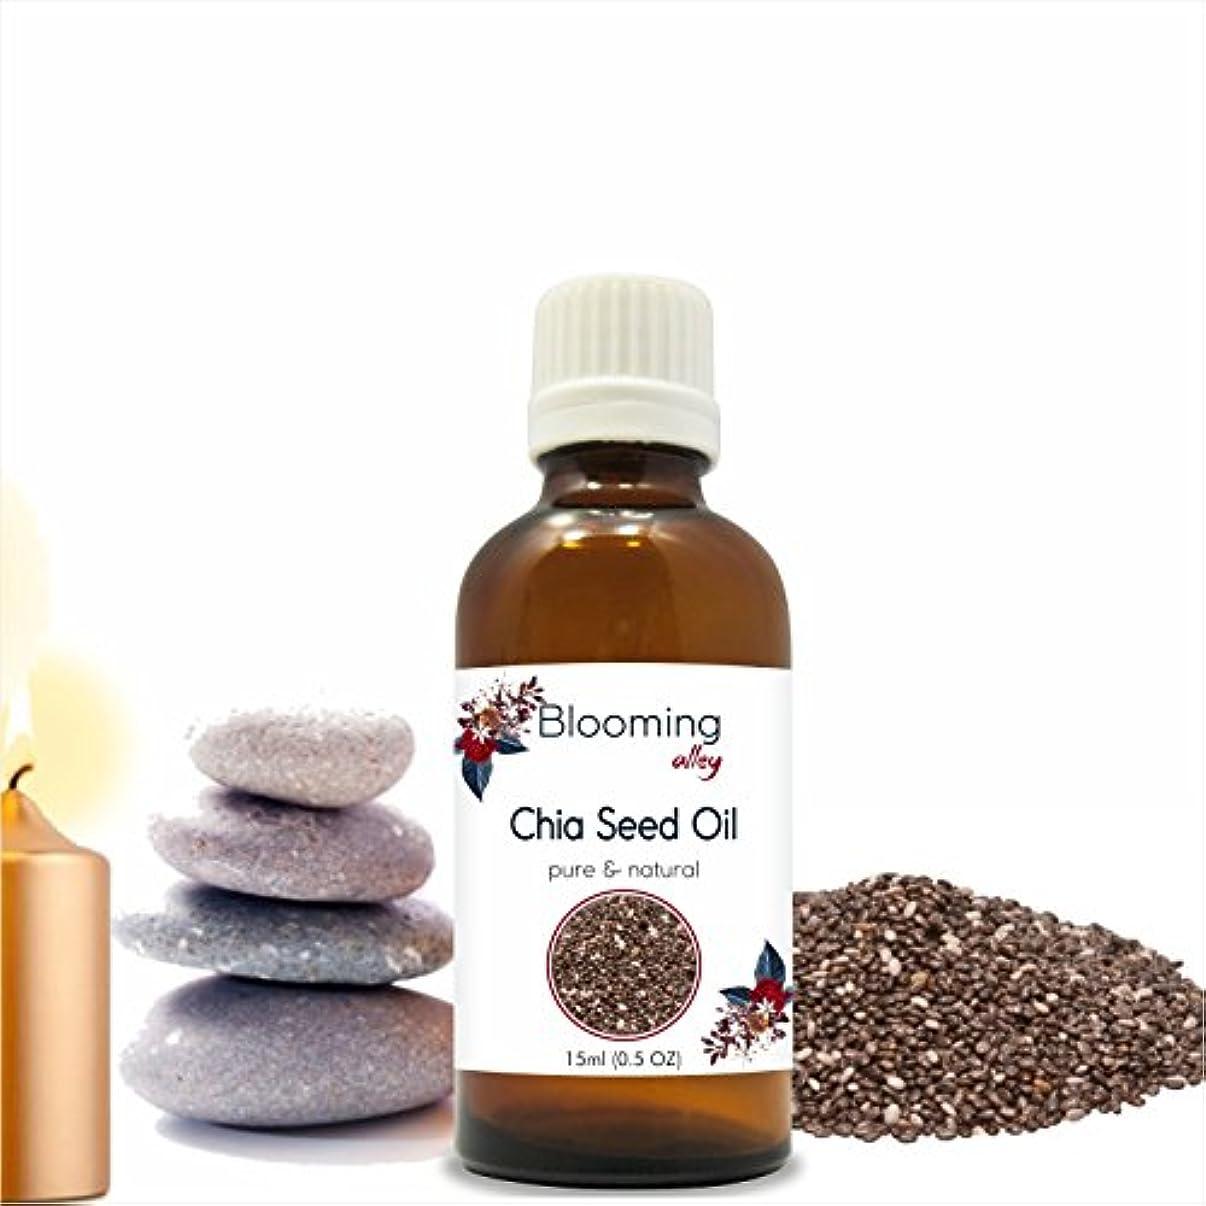 シンポジウムクラシカル獣Chiaseed Oil(Blooming Alley Hispanica) 15 ml or .50 Fl Oz by Blooming Alley